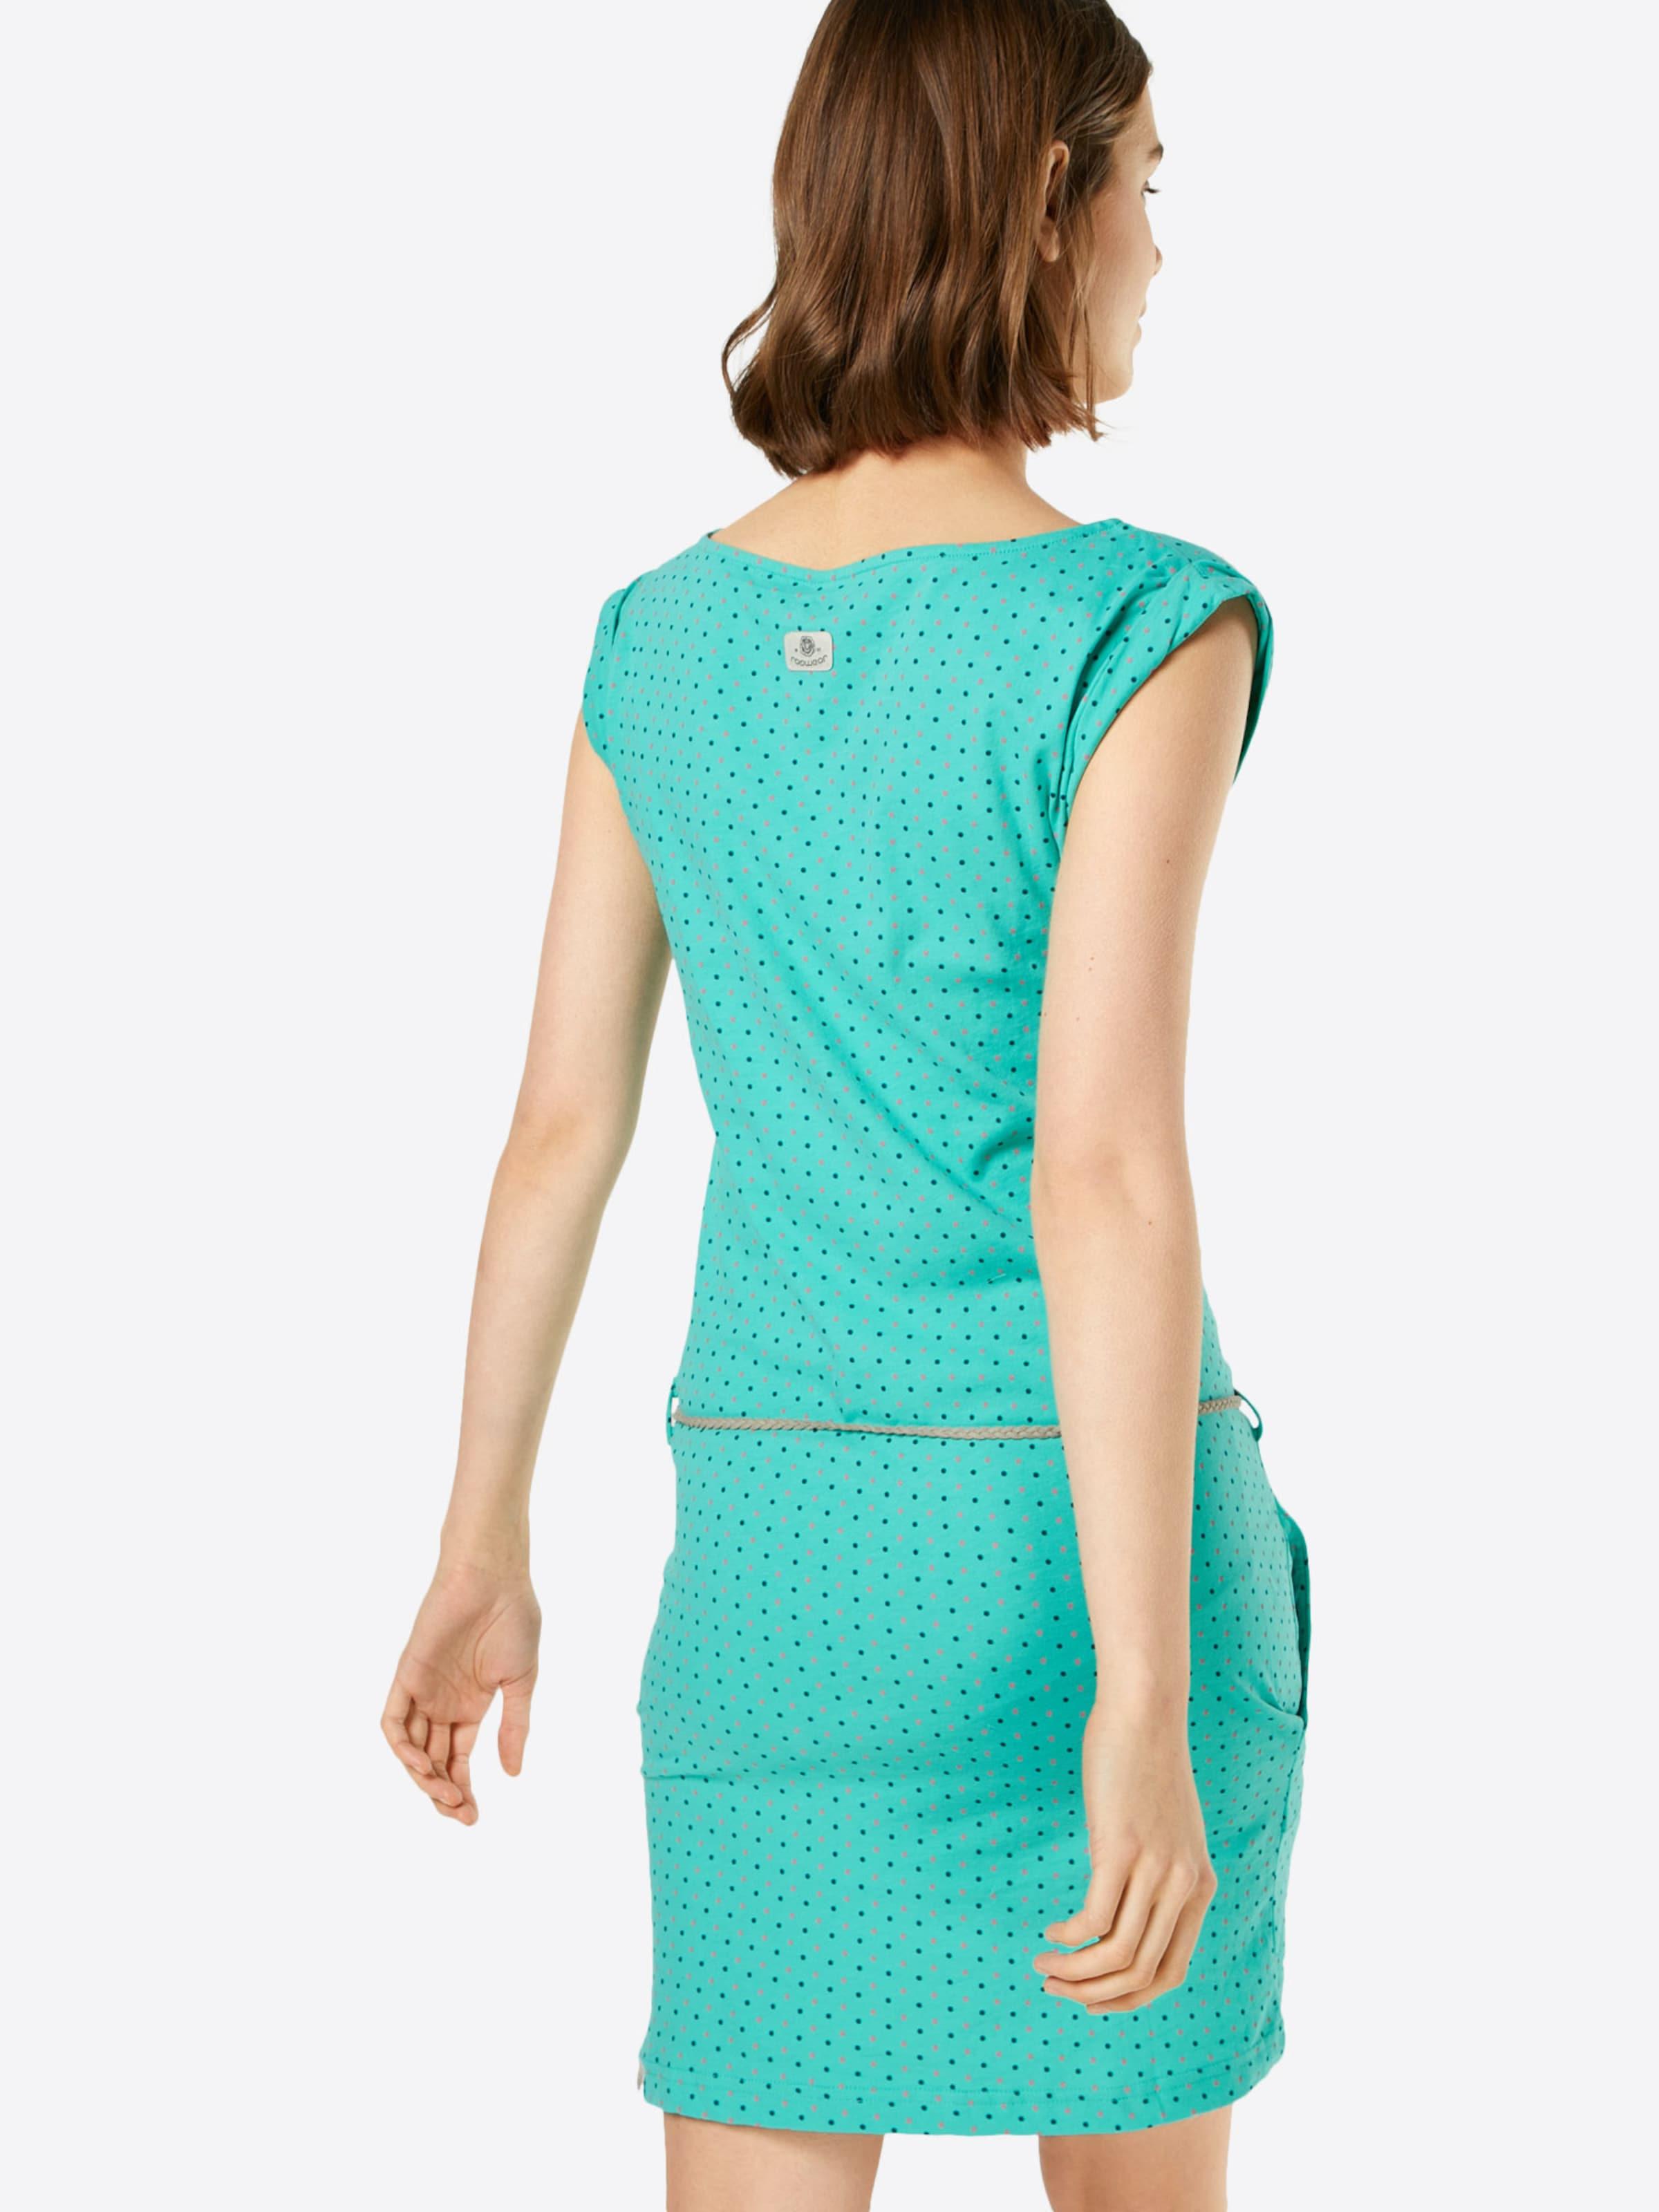 Ragwear Kleid 'TAG DOTS' Empfehlen Günstigen Preis Verkauf Kauf Freies Verschiffen Geniue Händler Online Gehen Authentisch Verkauf 7W3zQSc